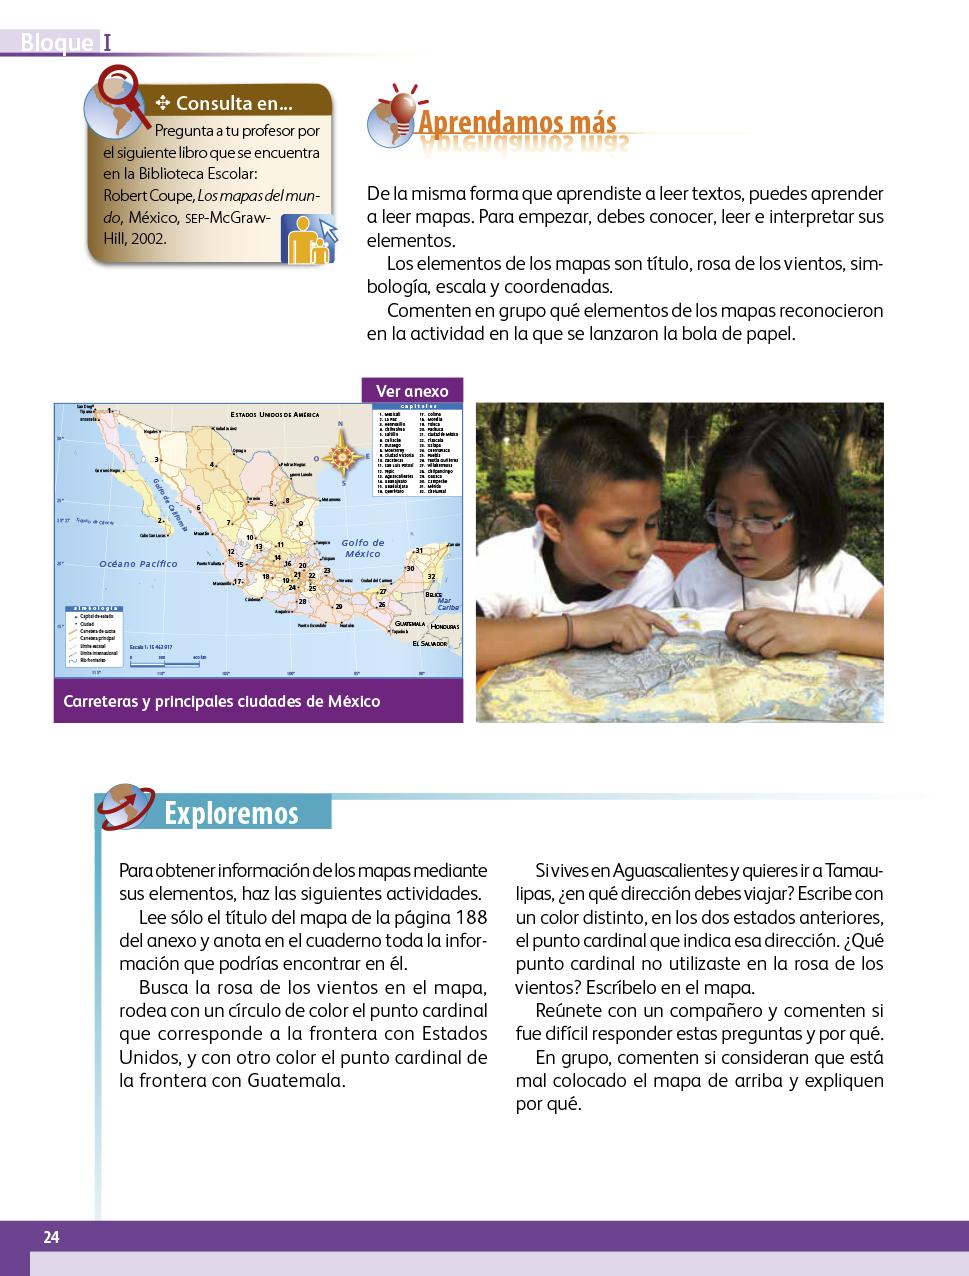 Geografía Cuarto grado 2017-2018 - Ciclo Escolar - Centro de Descargas